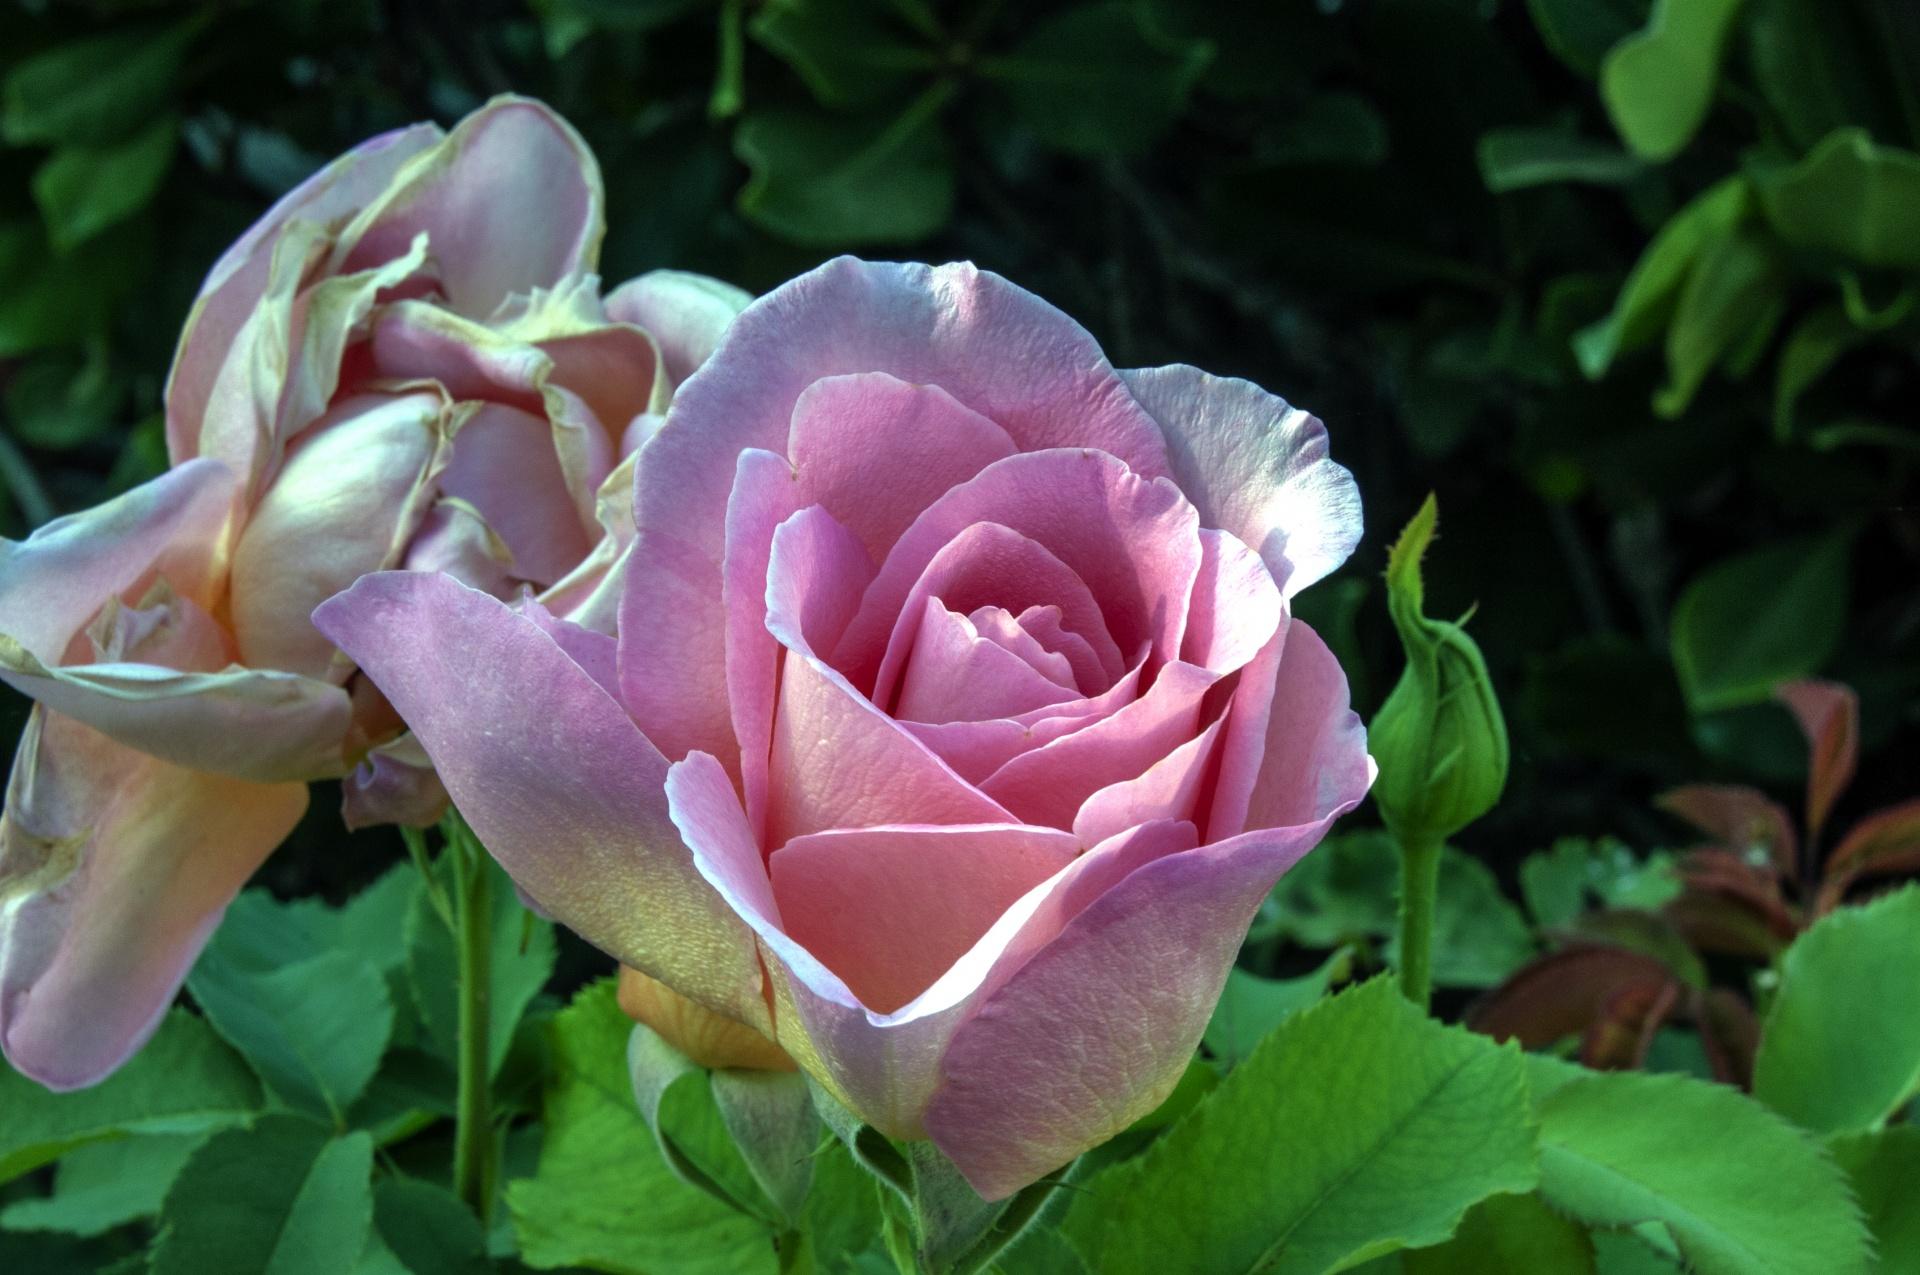 El rosal florece durante todo el año